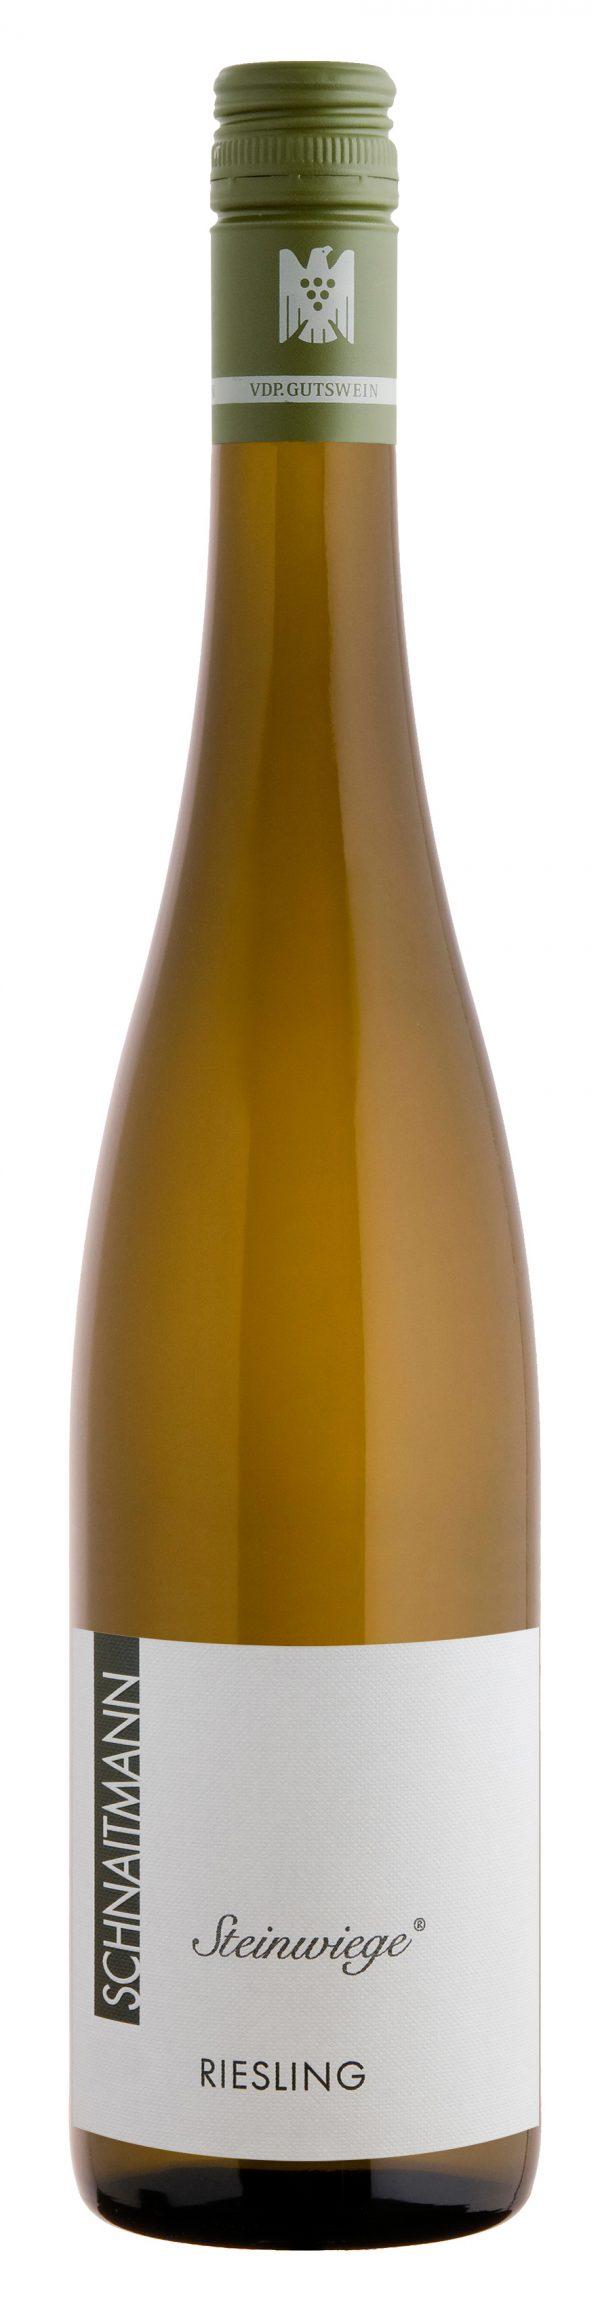 Steinwiege Riesling Qualitätswein trocken 2017